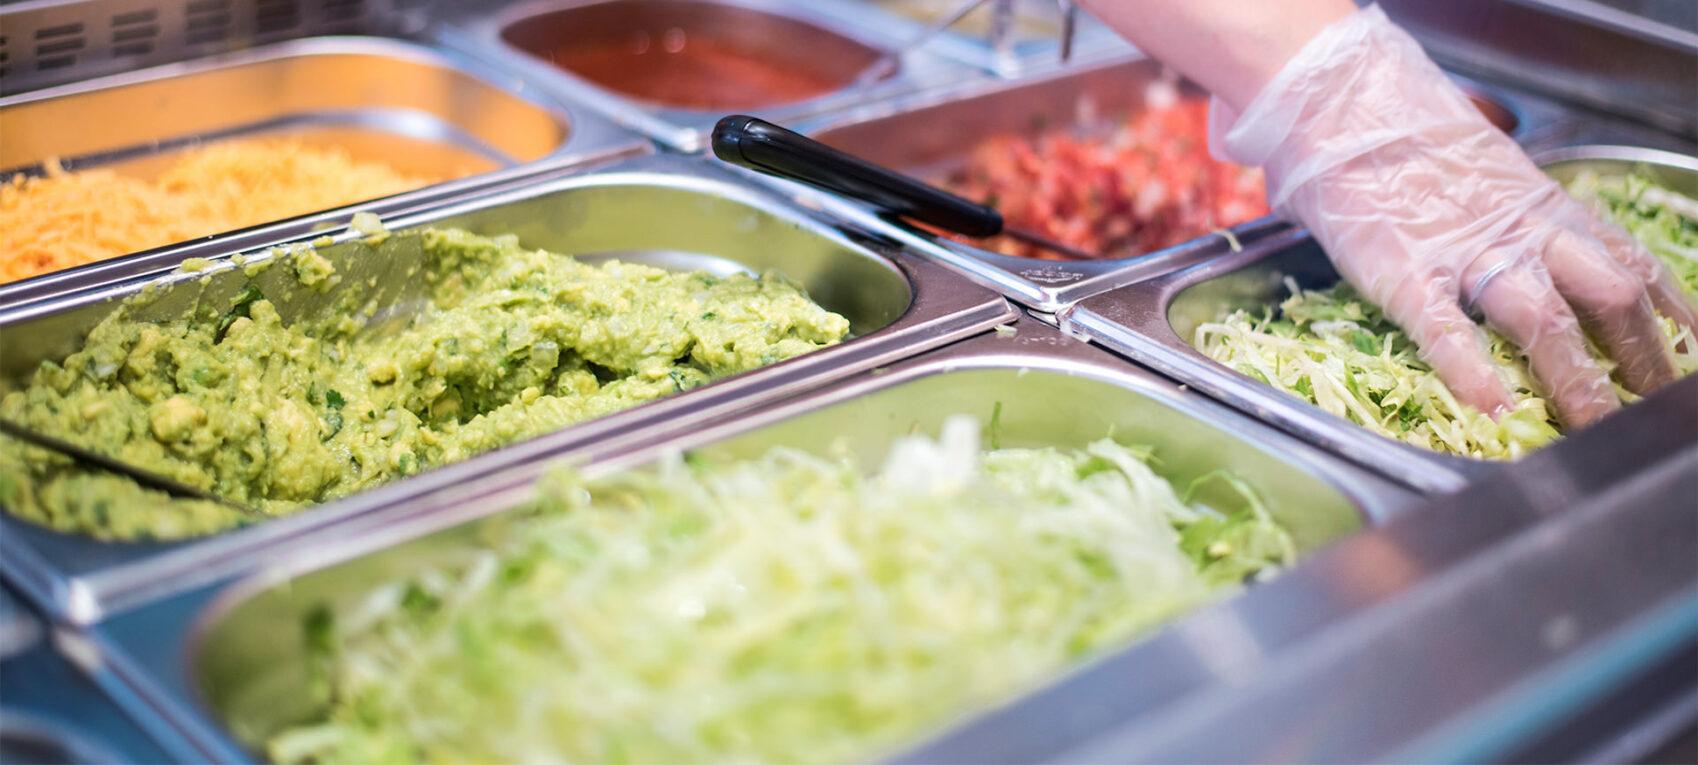 Nachos Cuisine Fraicheur ©Barbara Cabot